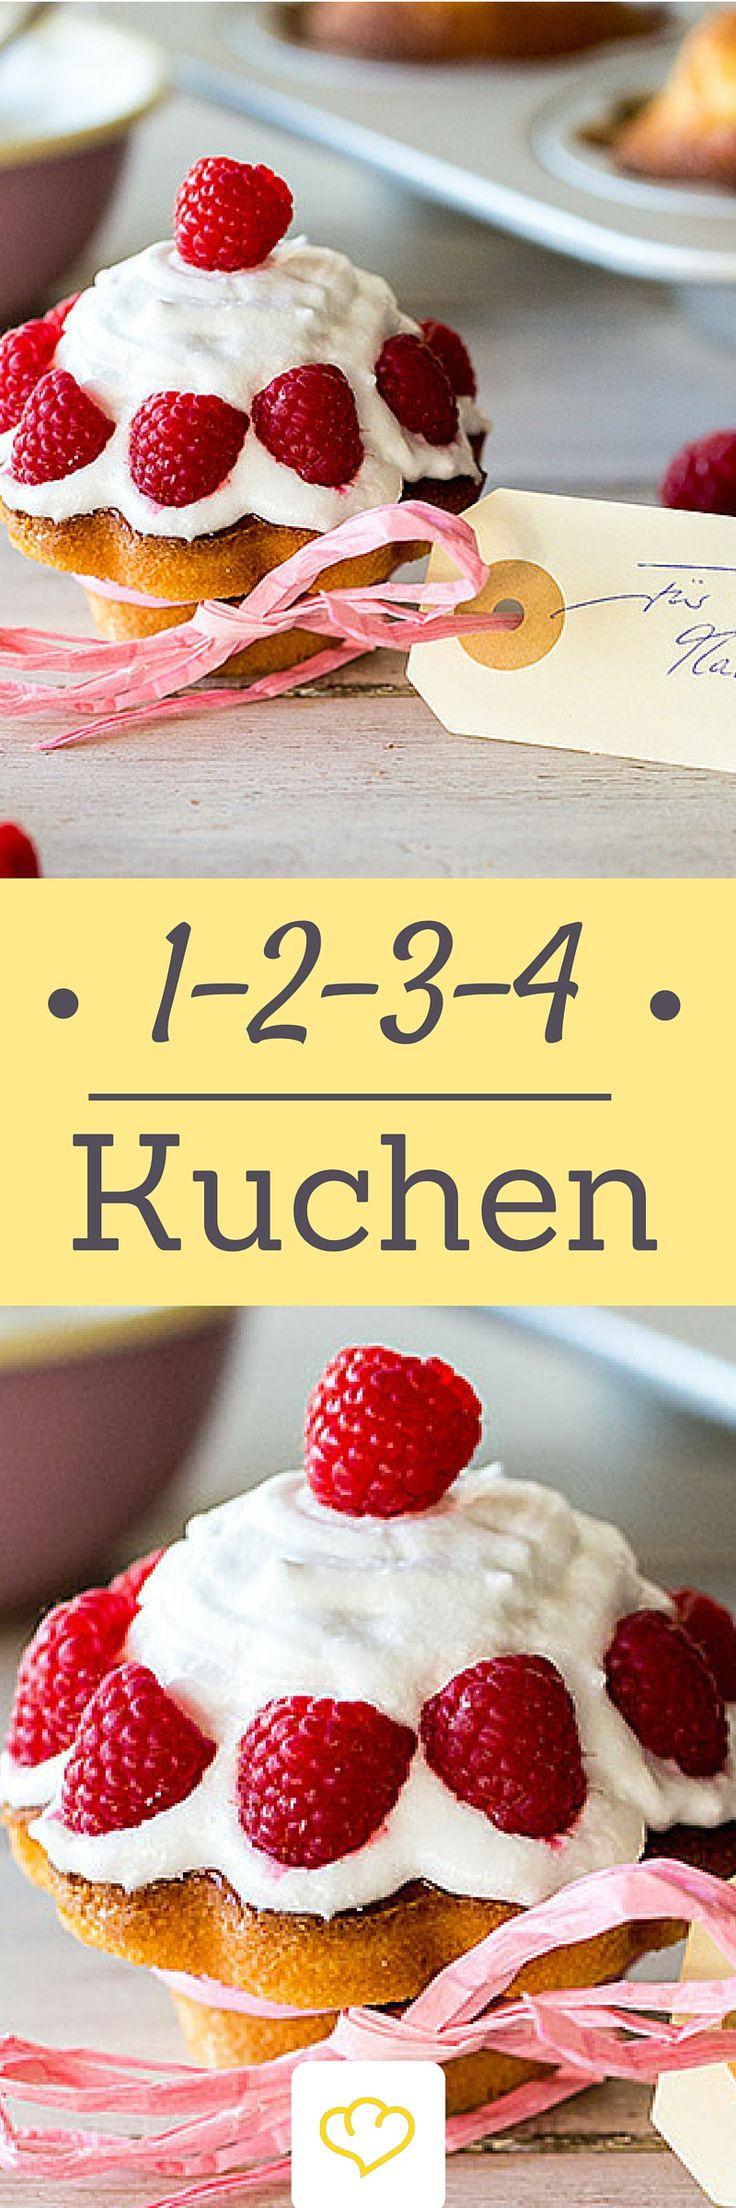 1-2-3-4 Kuchen:  Jeweils 1 Tasse Butter und Milch, 2 Tassen Zucker, 3 Tassen Mehl und 4 Eier reichen aus, um einen lockeren und saftigen Rührkuchen zu backen.